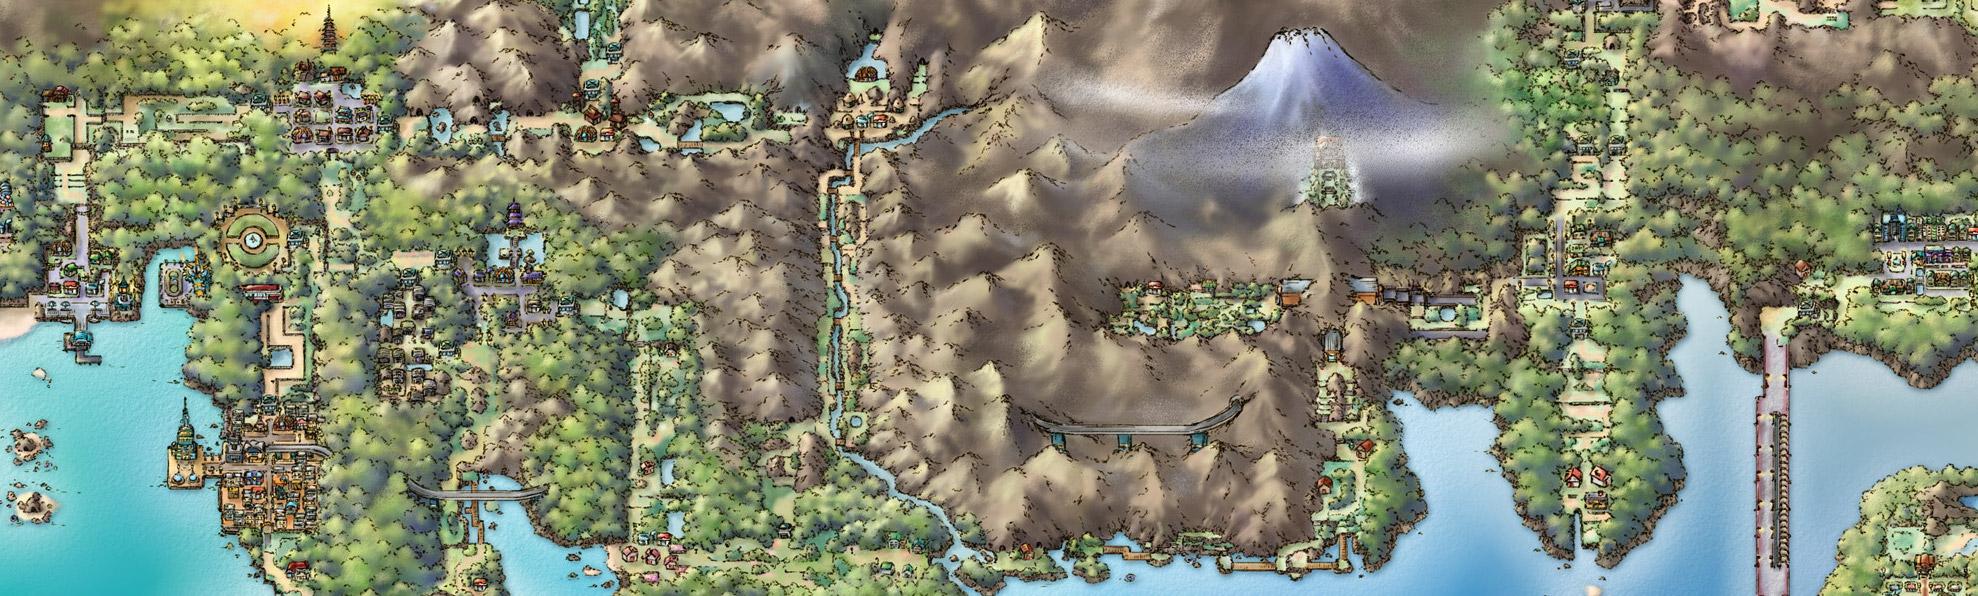 Pokémon Kanto/Johto map